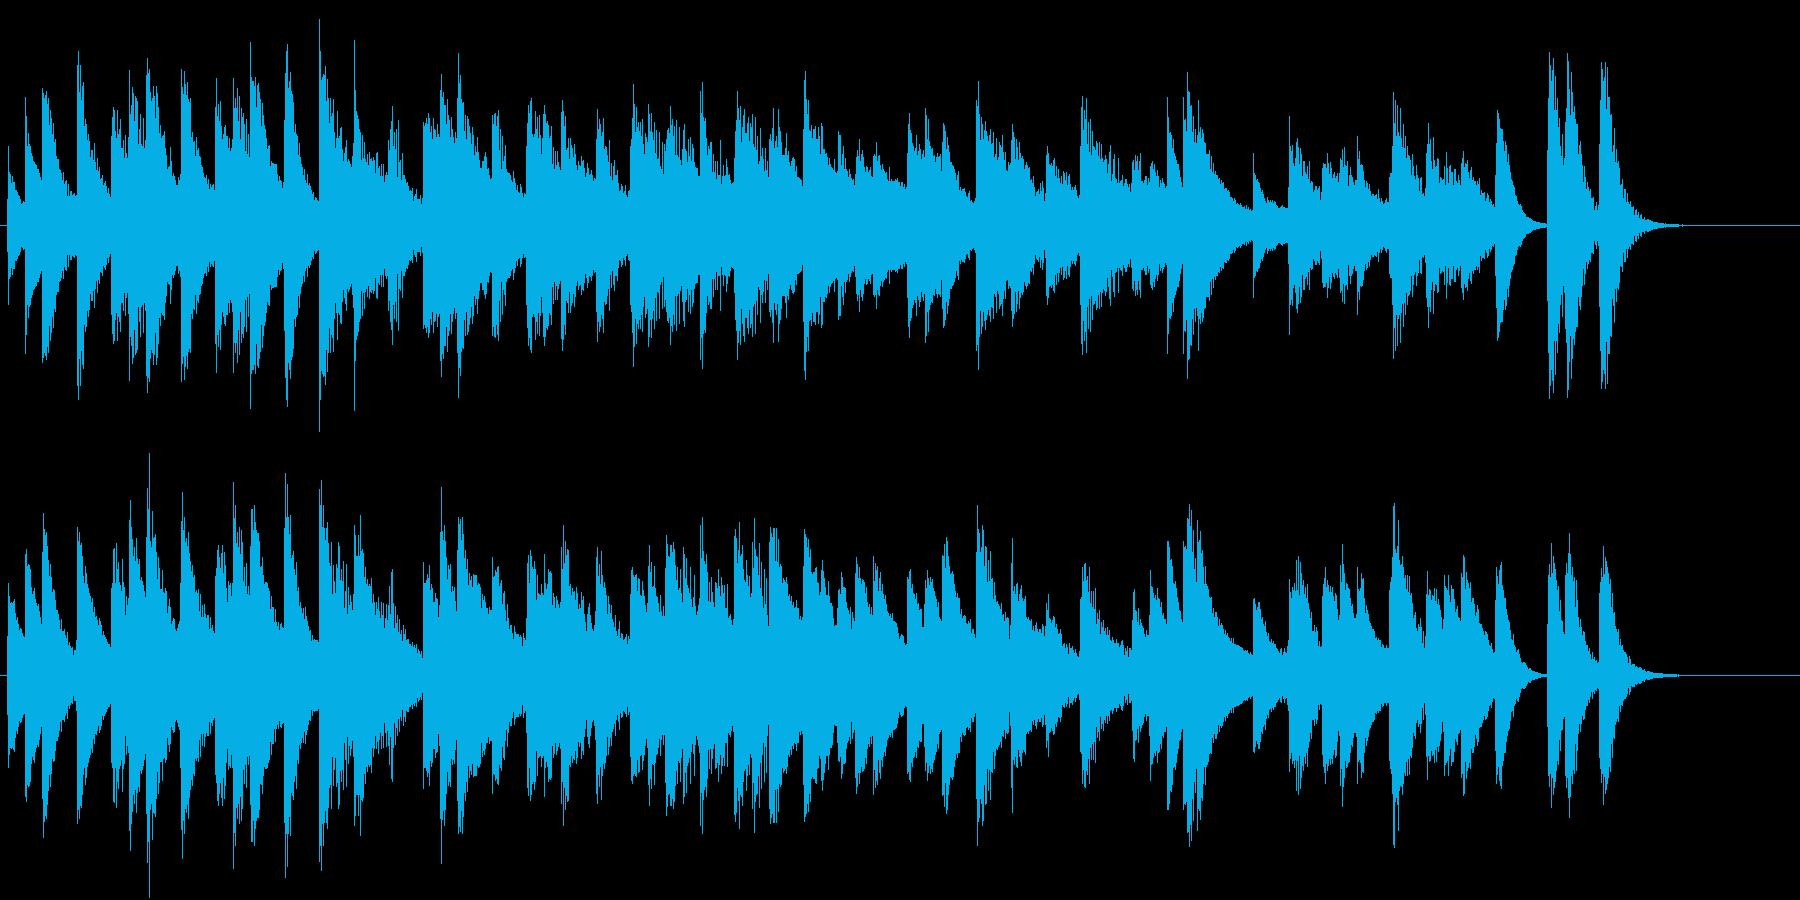 のんびり可愛いらしいワルツピアノジングルの再生済みの波形